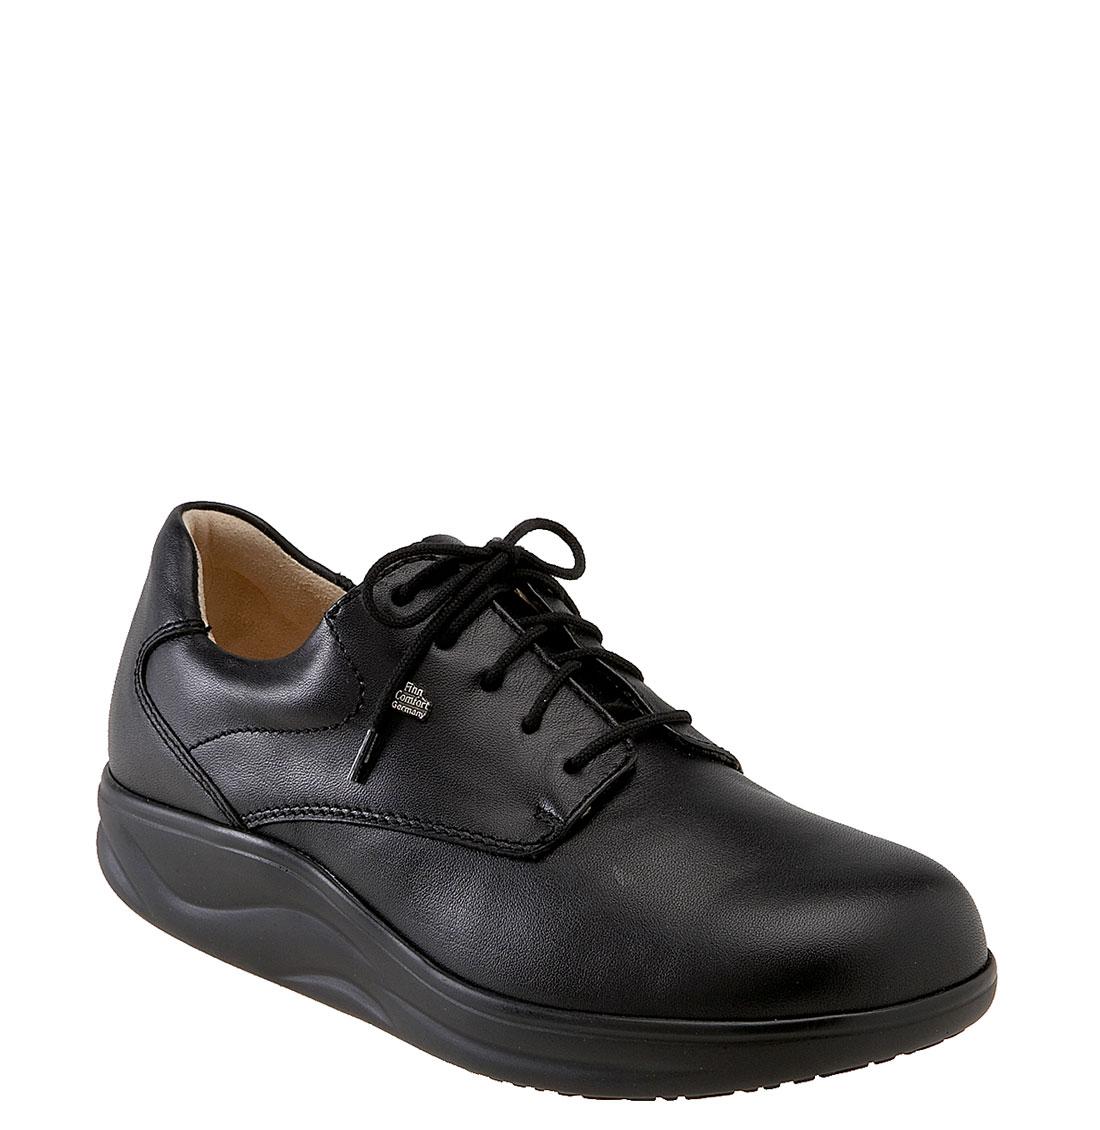 Finn Comfort Finnamic By Pretoria Walking Shoe in Black ...